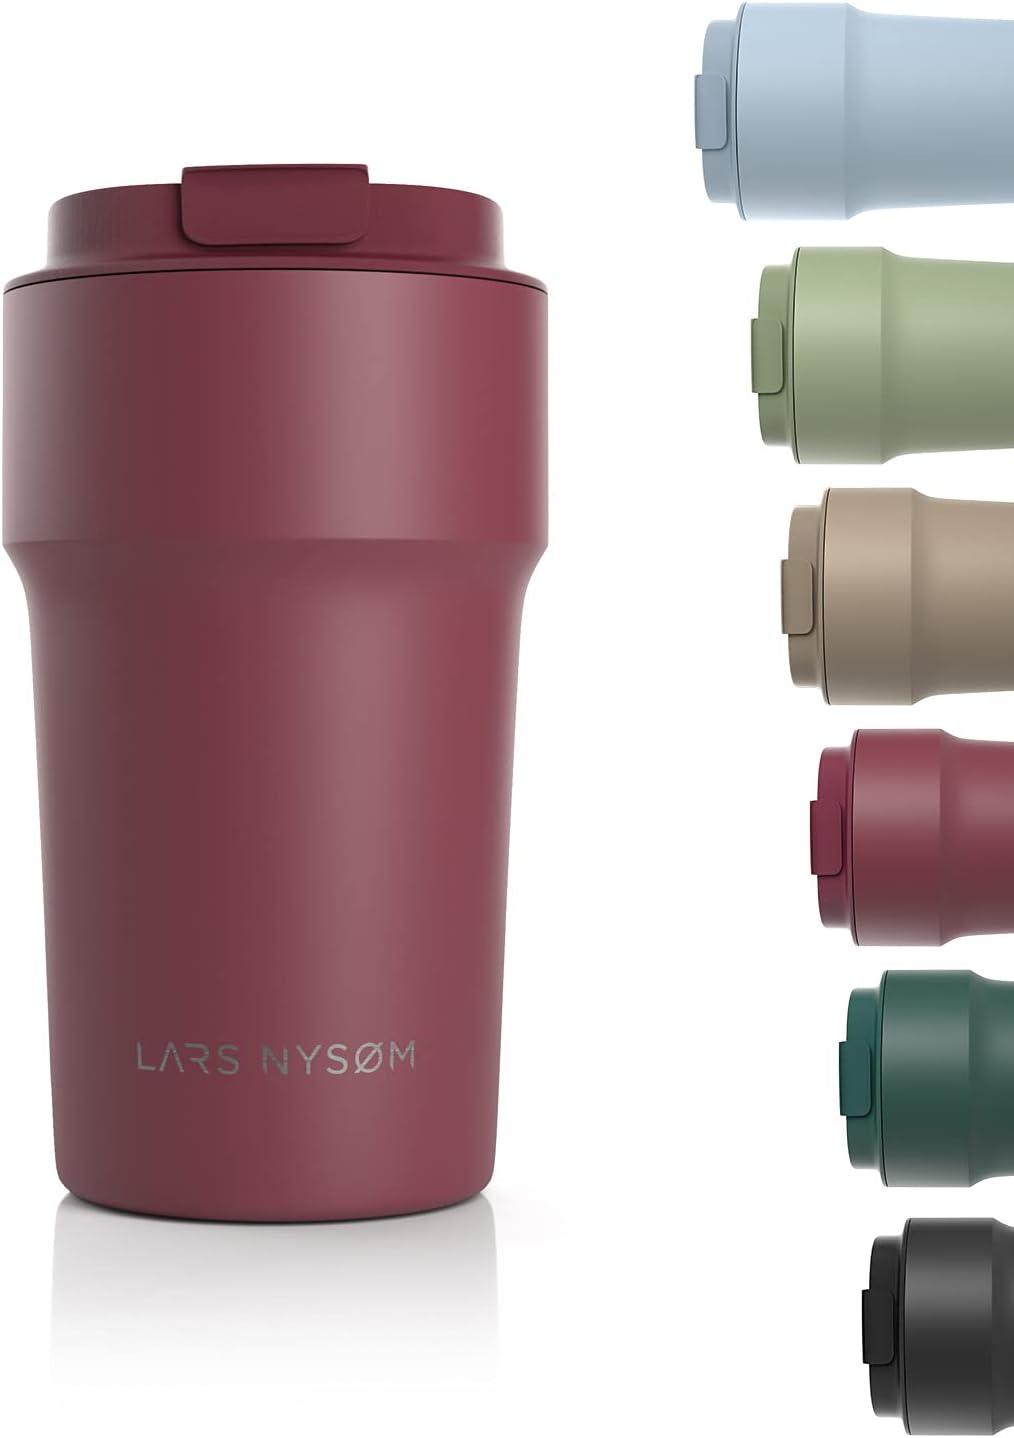 LARS NYSØM Taza térmica café para Llevar 500ml | Termo Café para Llevar sin BPA de 0,5 litros con Aislante | Travel mug de Acero Inoxidable a Prueba de Fugas para el café y el té